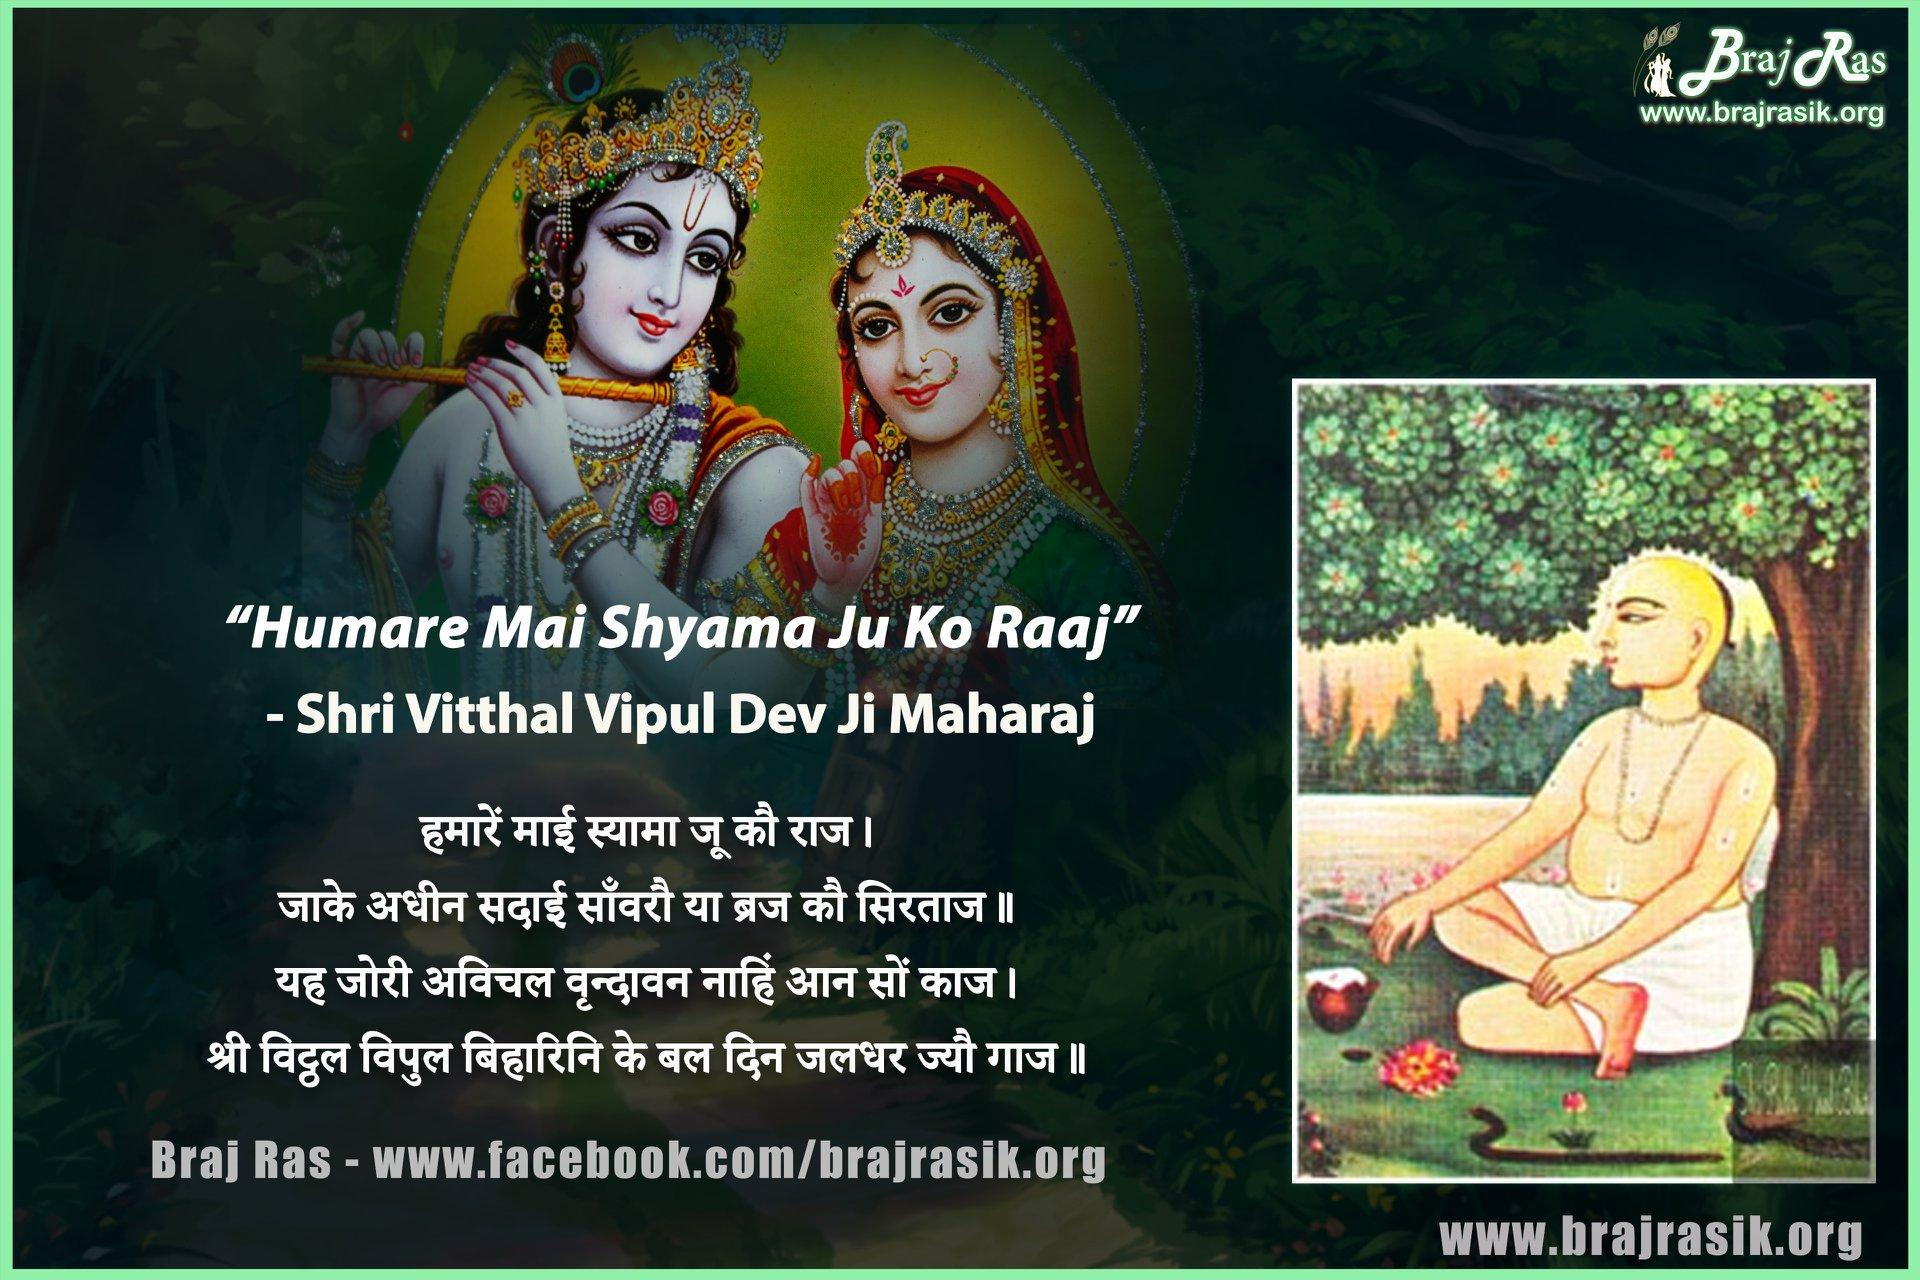 """""""Humare Mai Shyama Ju Ko Raaj"""" - Shri Vitthal Vipul Dev Ji Maharaj"""